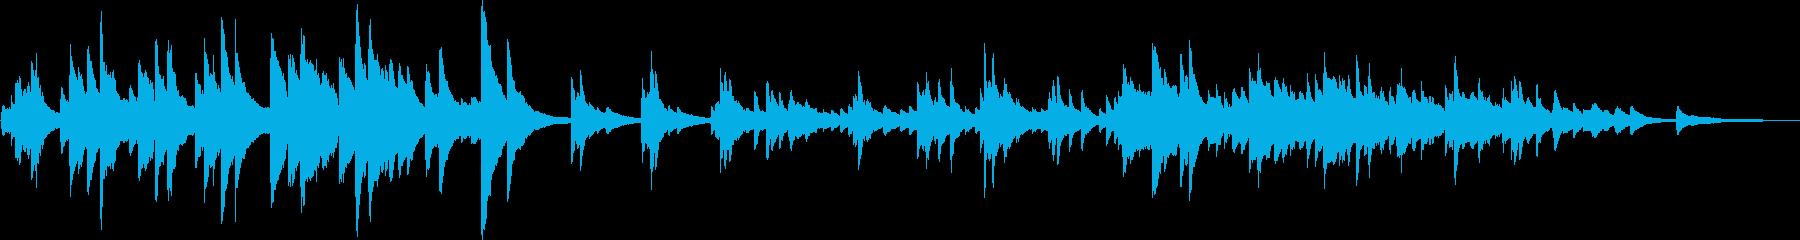 決別(ピアノ・かっこいい・切ない)の再生済みの波形